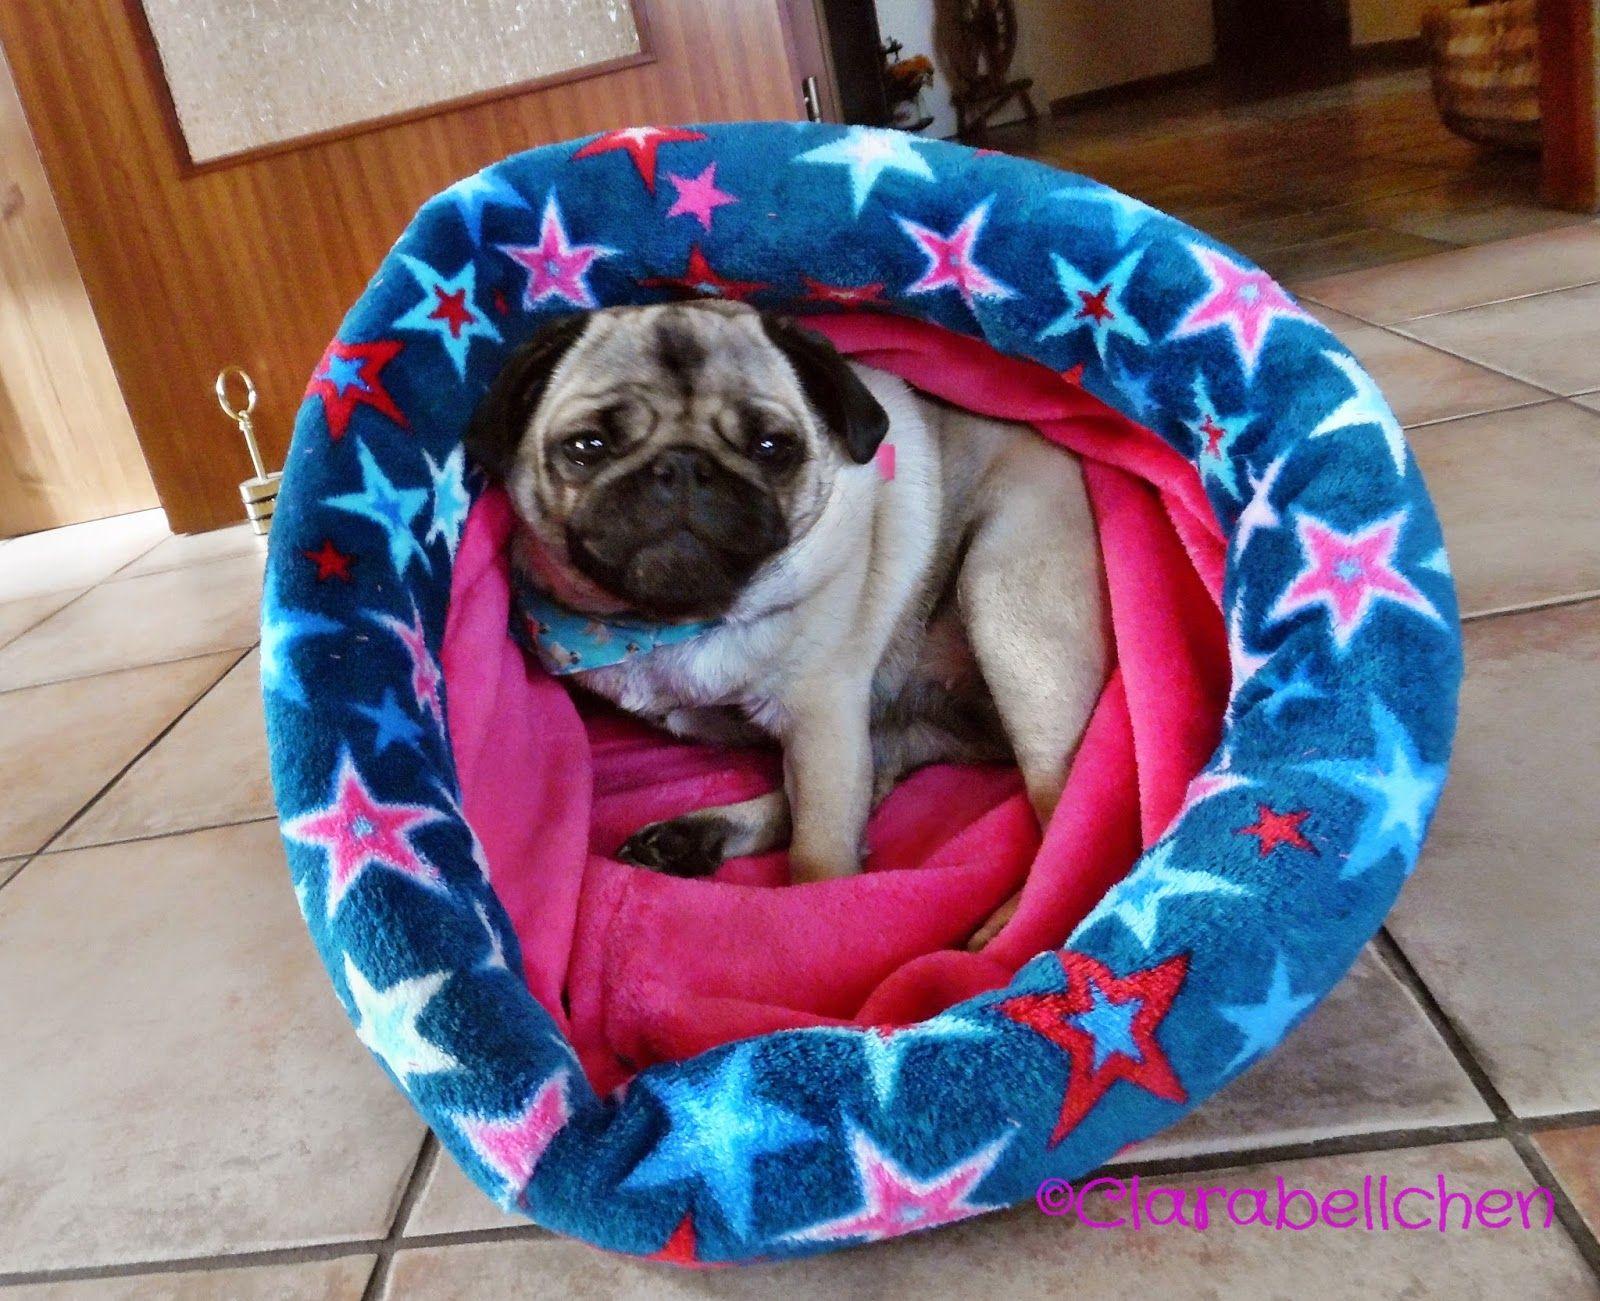 Clarabellchen: Ein Kuschelsack für den Hund | MAX Y ROXY | Pinterest ...